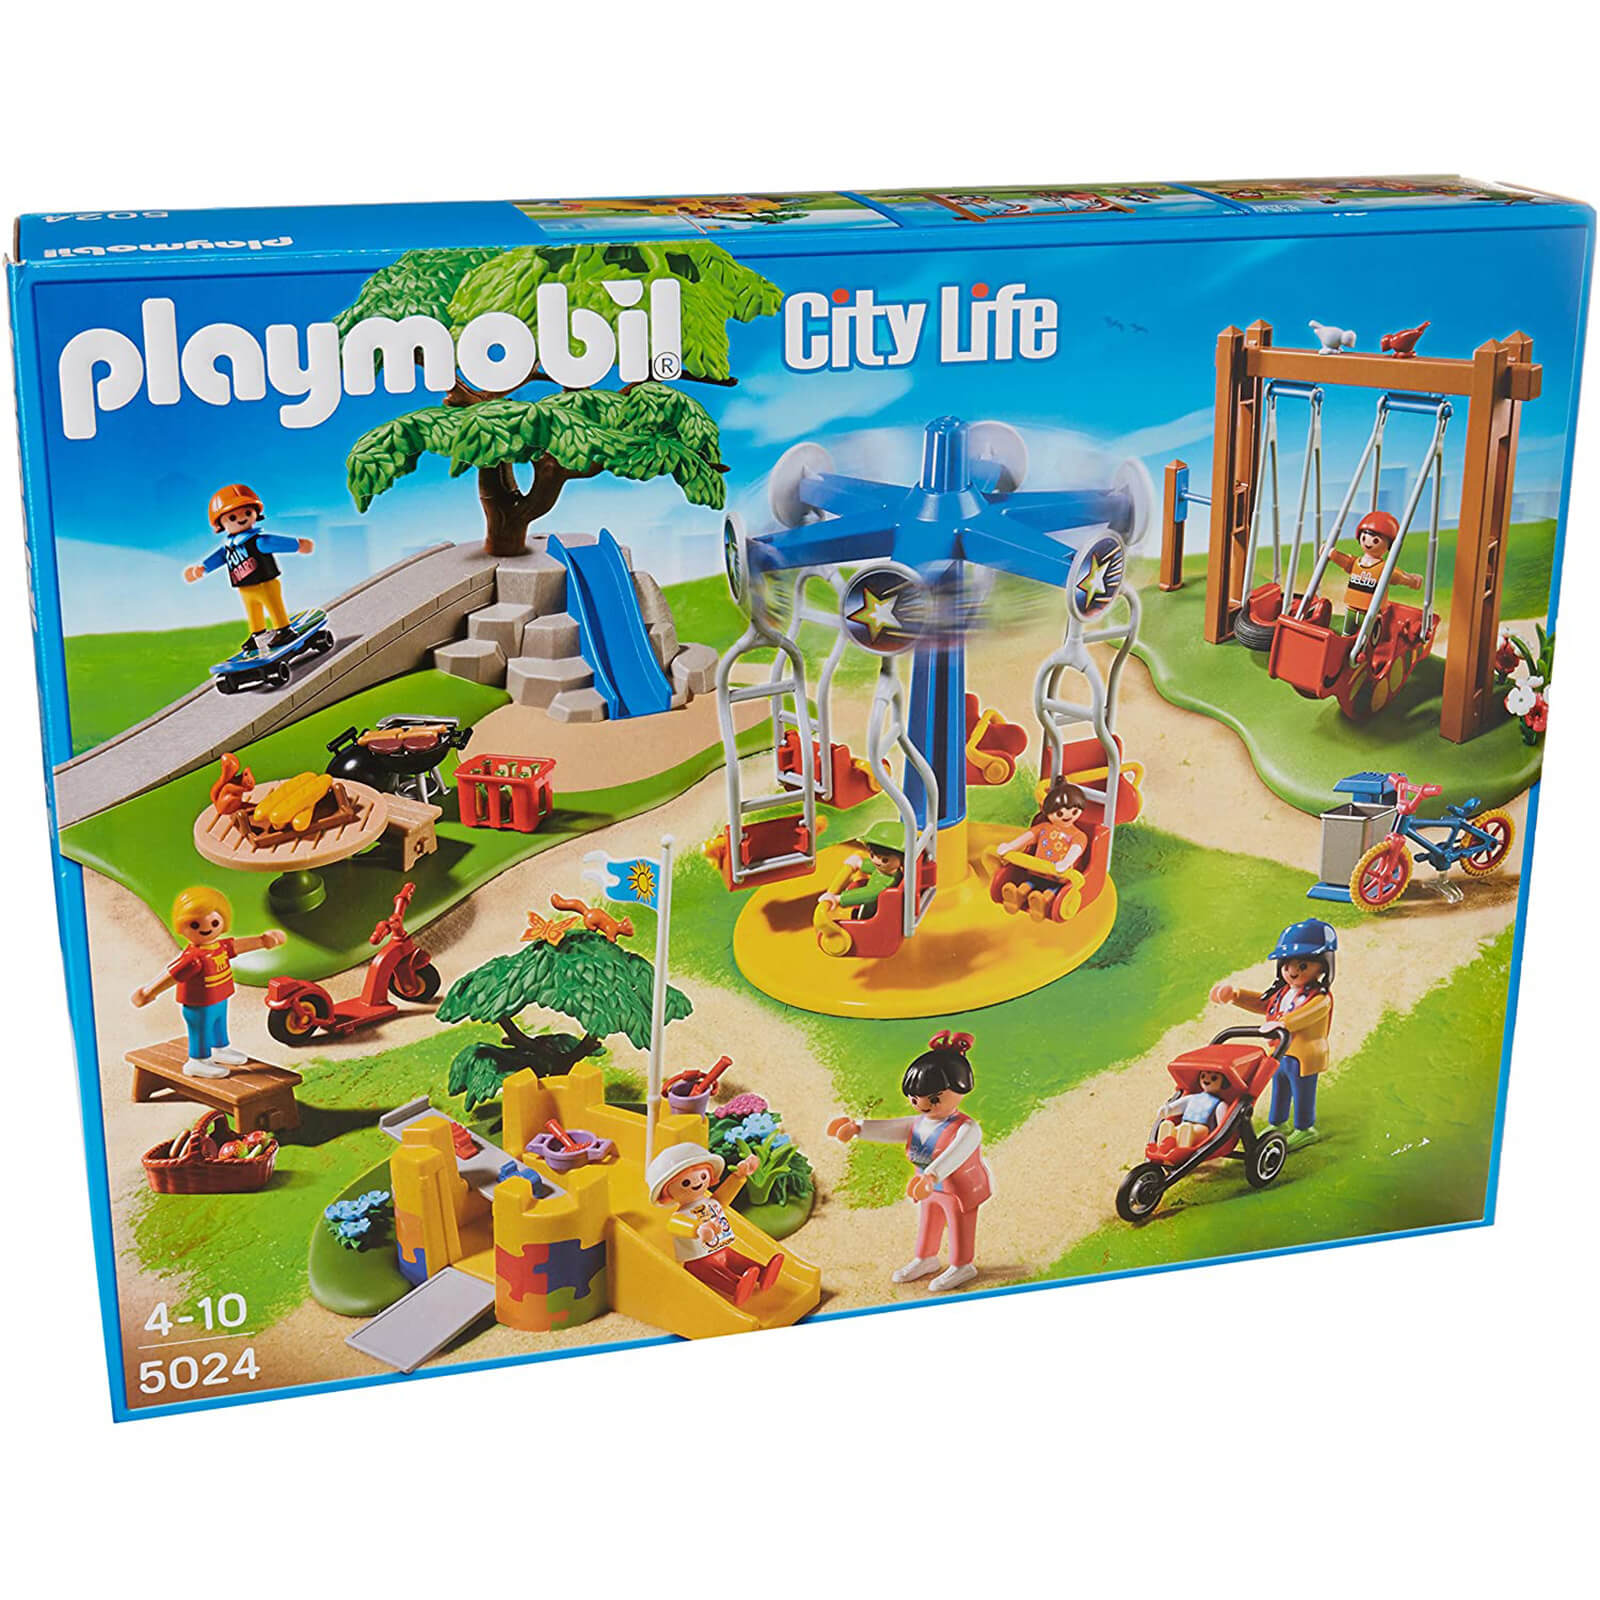 Playmobil City Life - Childrens Playground (5024)